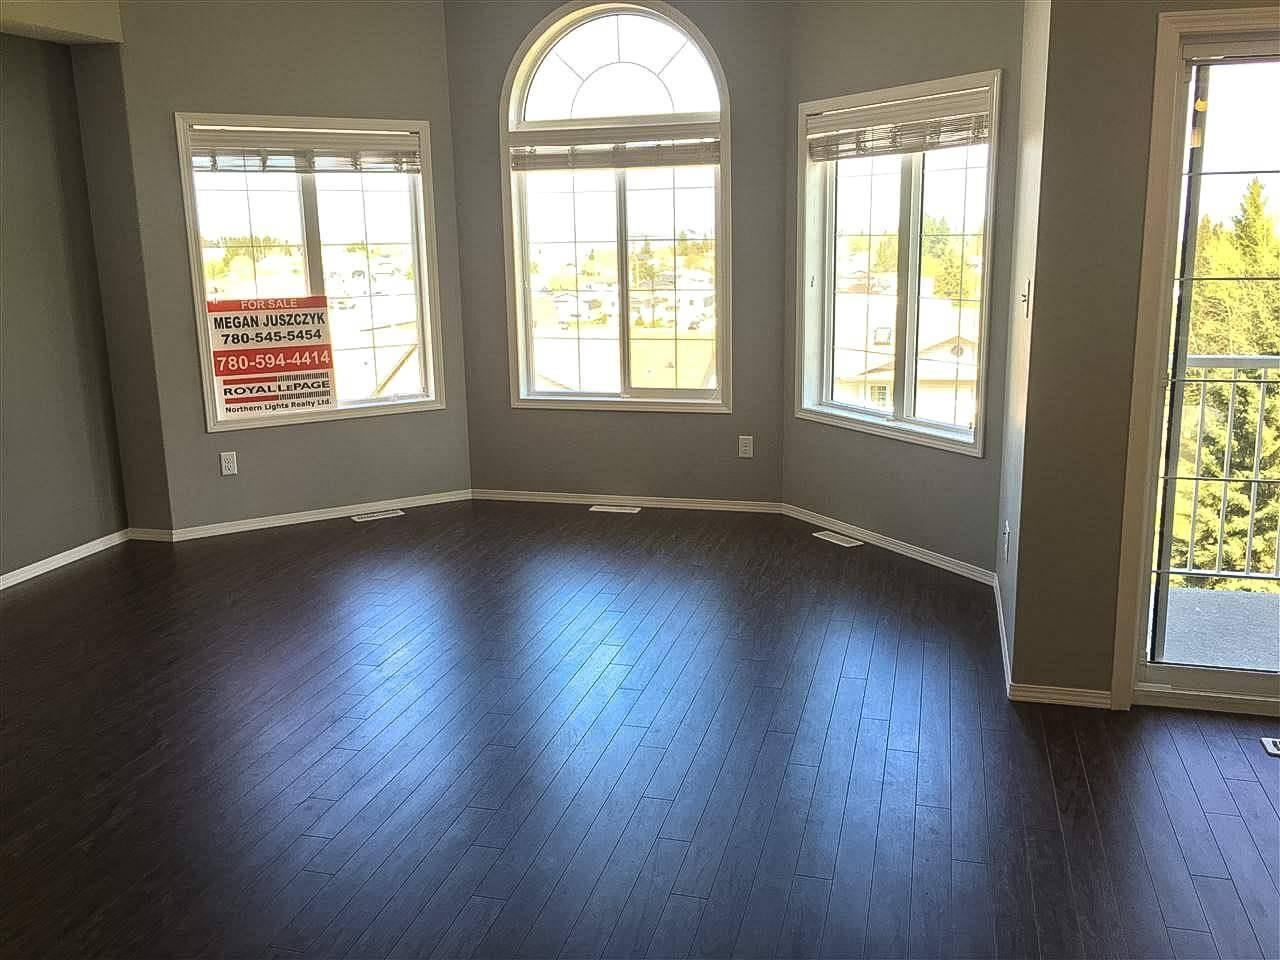 Condo for sale at 1299 Marina Estates Dr Unit 1401 Cold Lake Alberta - MLS: E4177172